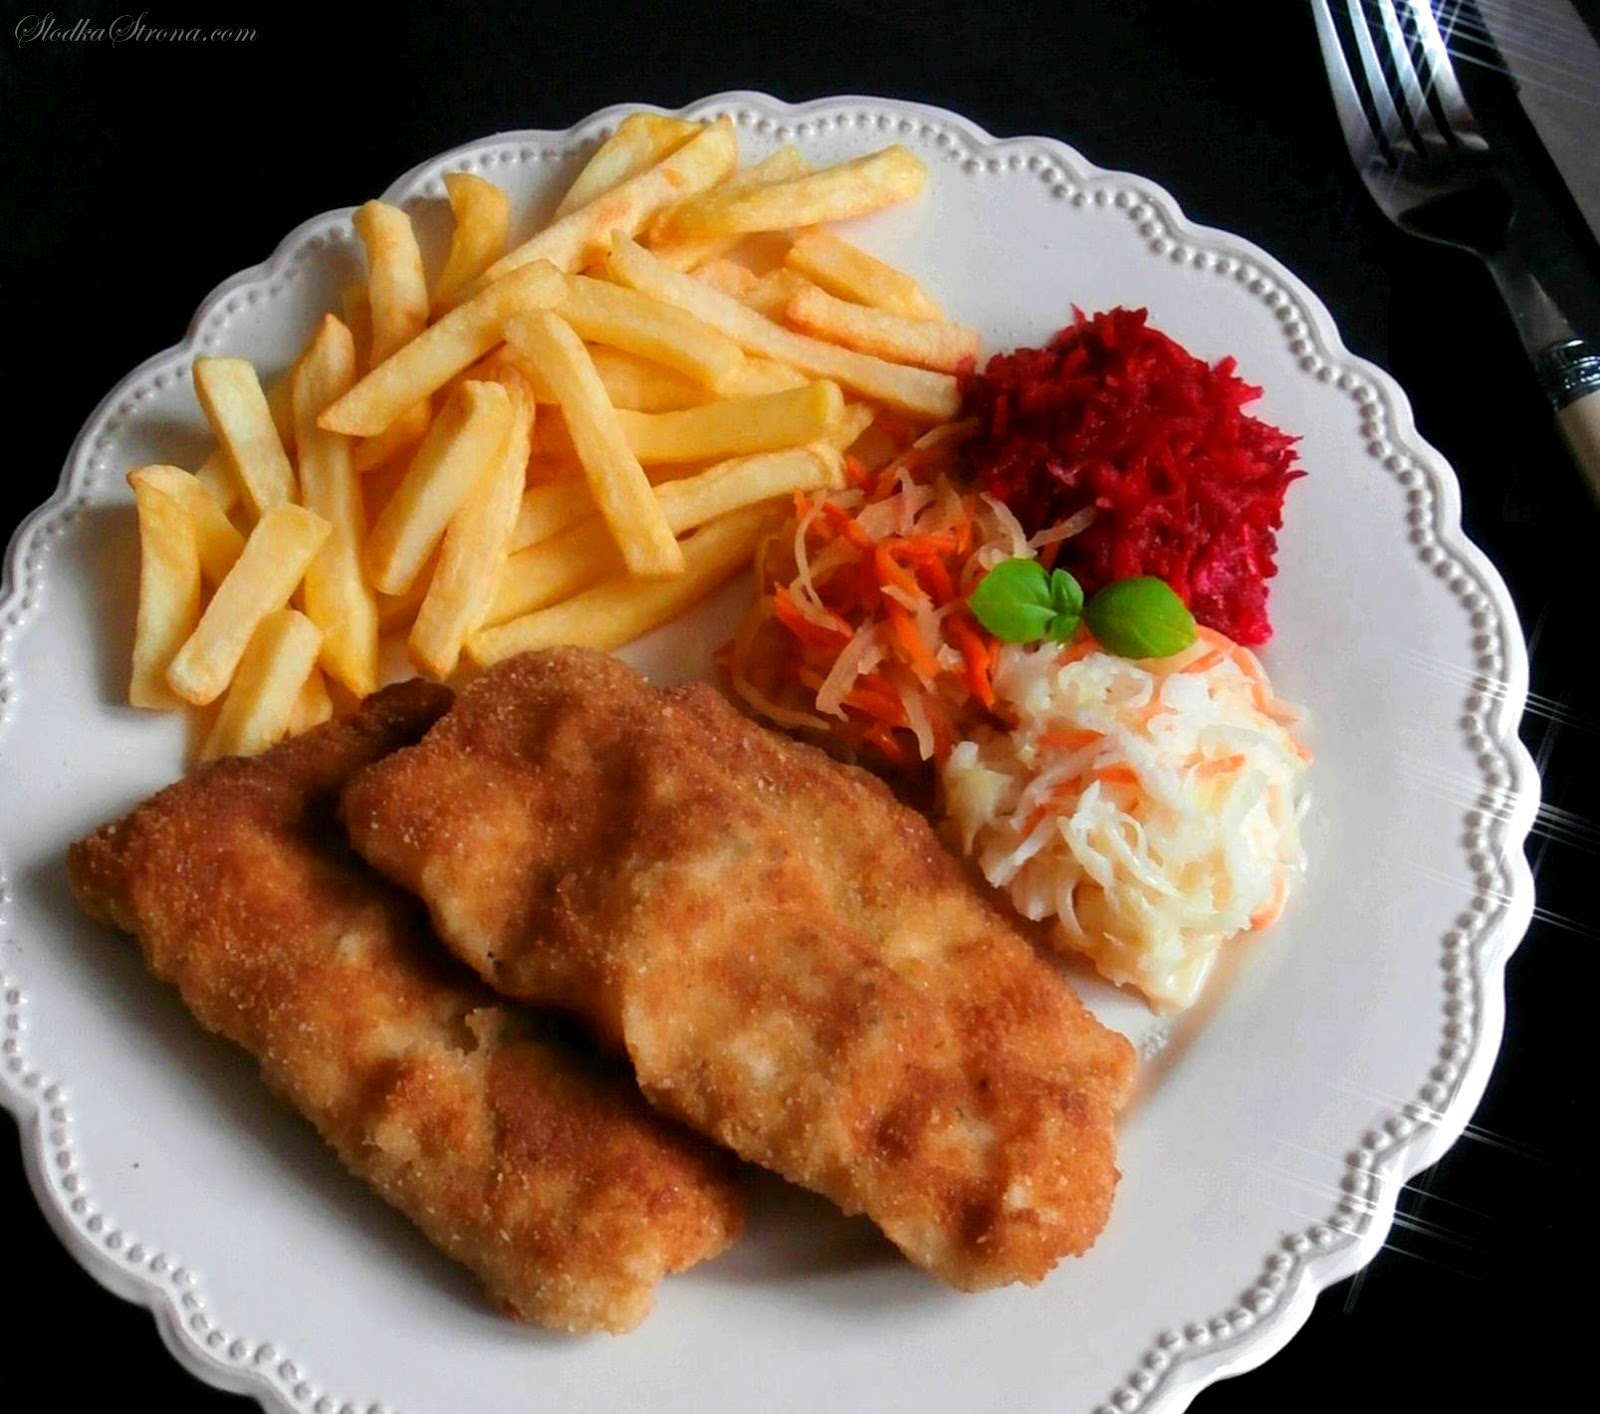 Tradycyjna Smażona Ryba w Chrupiącej Panierce - Przepis - Słodka Strona